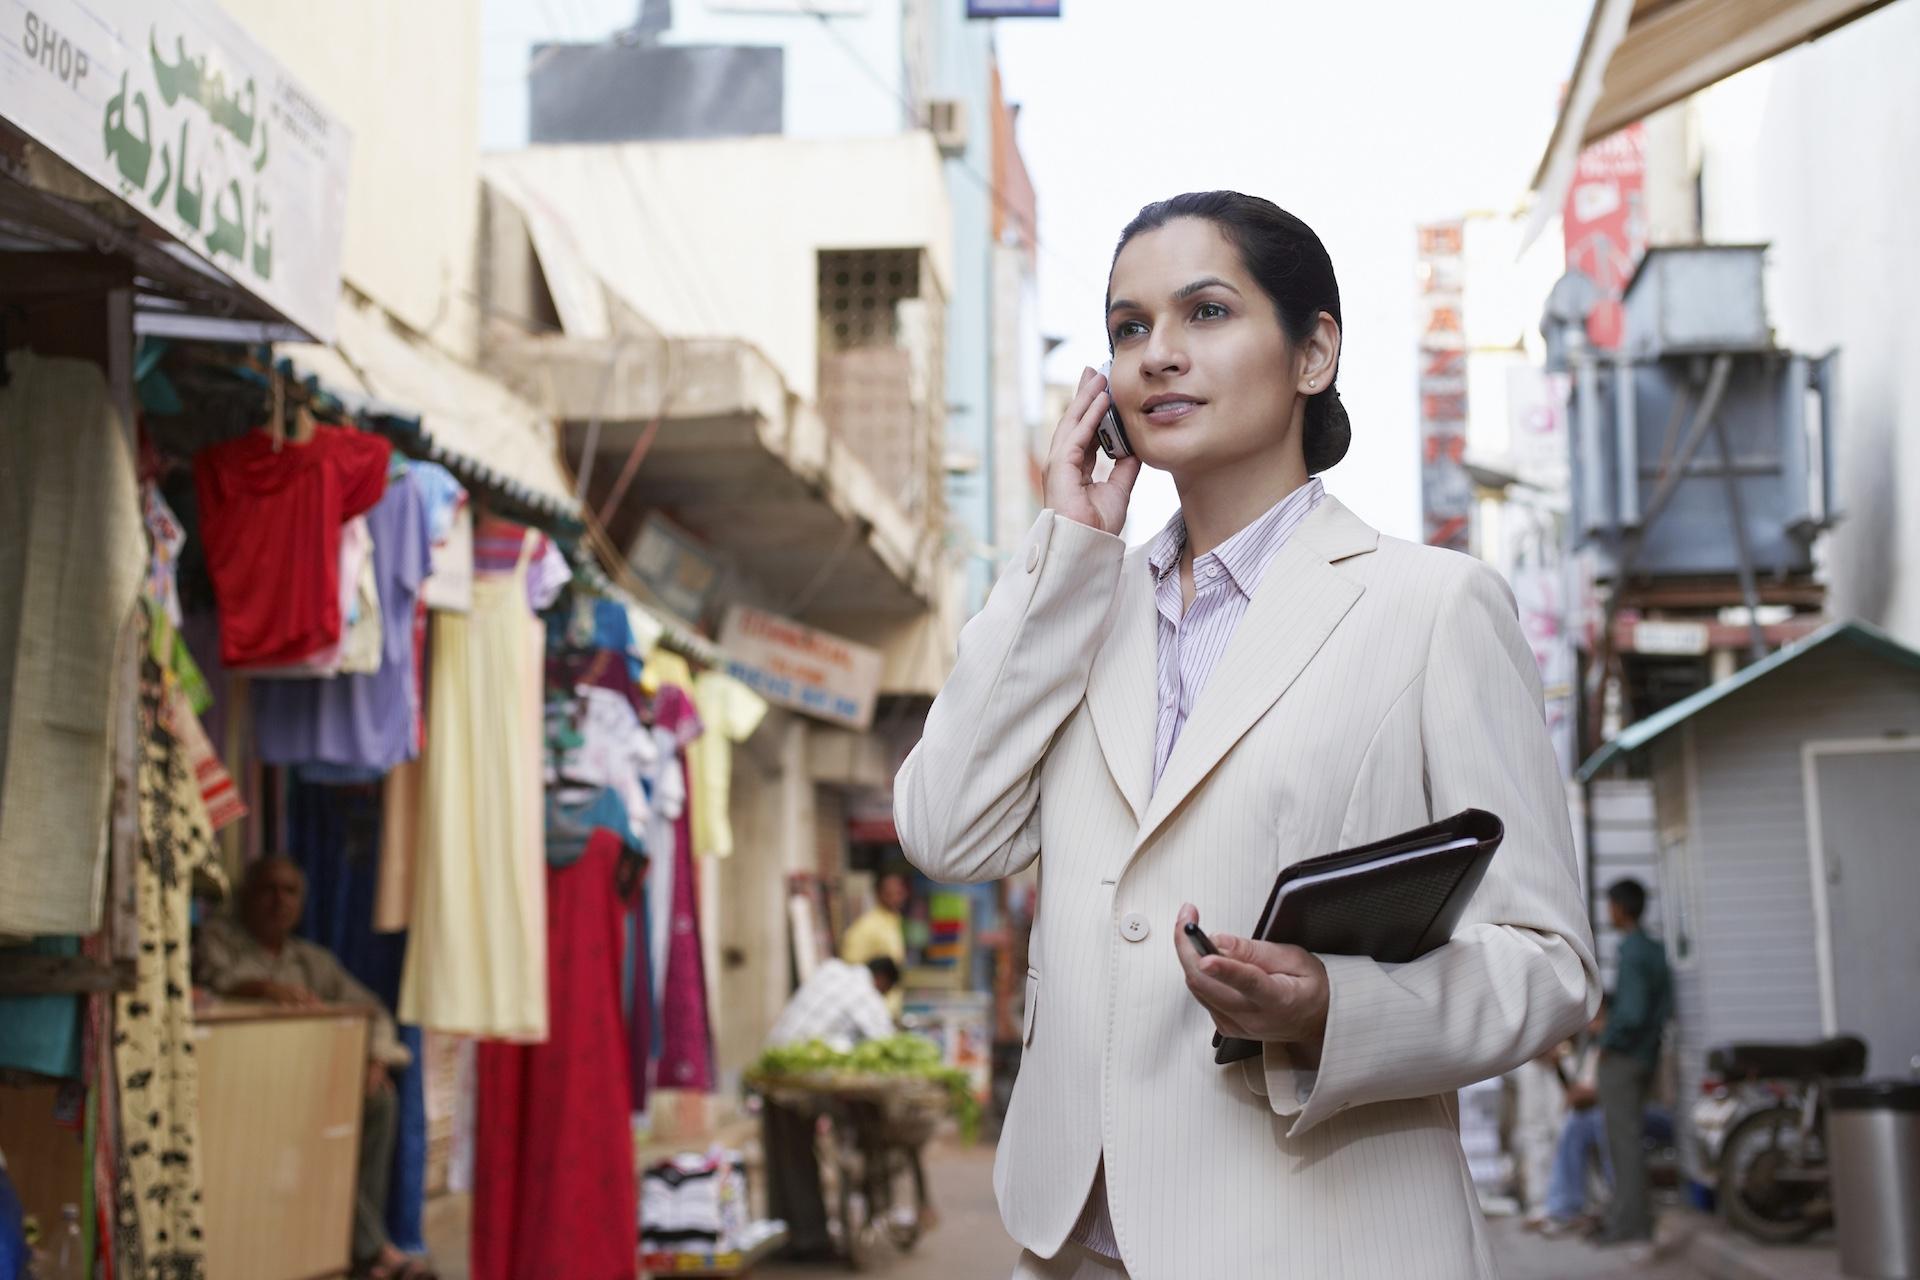 新財富500 CEO 俱樂部 -印度籍管理者的優勢是?